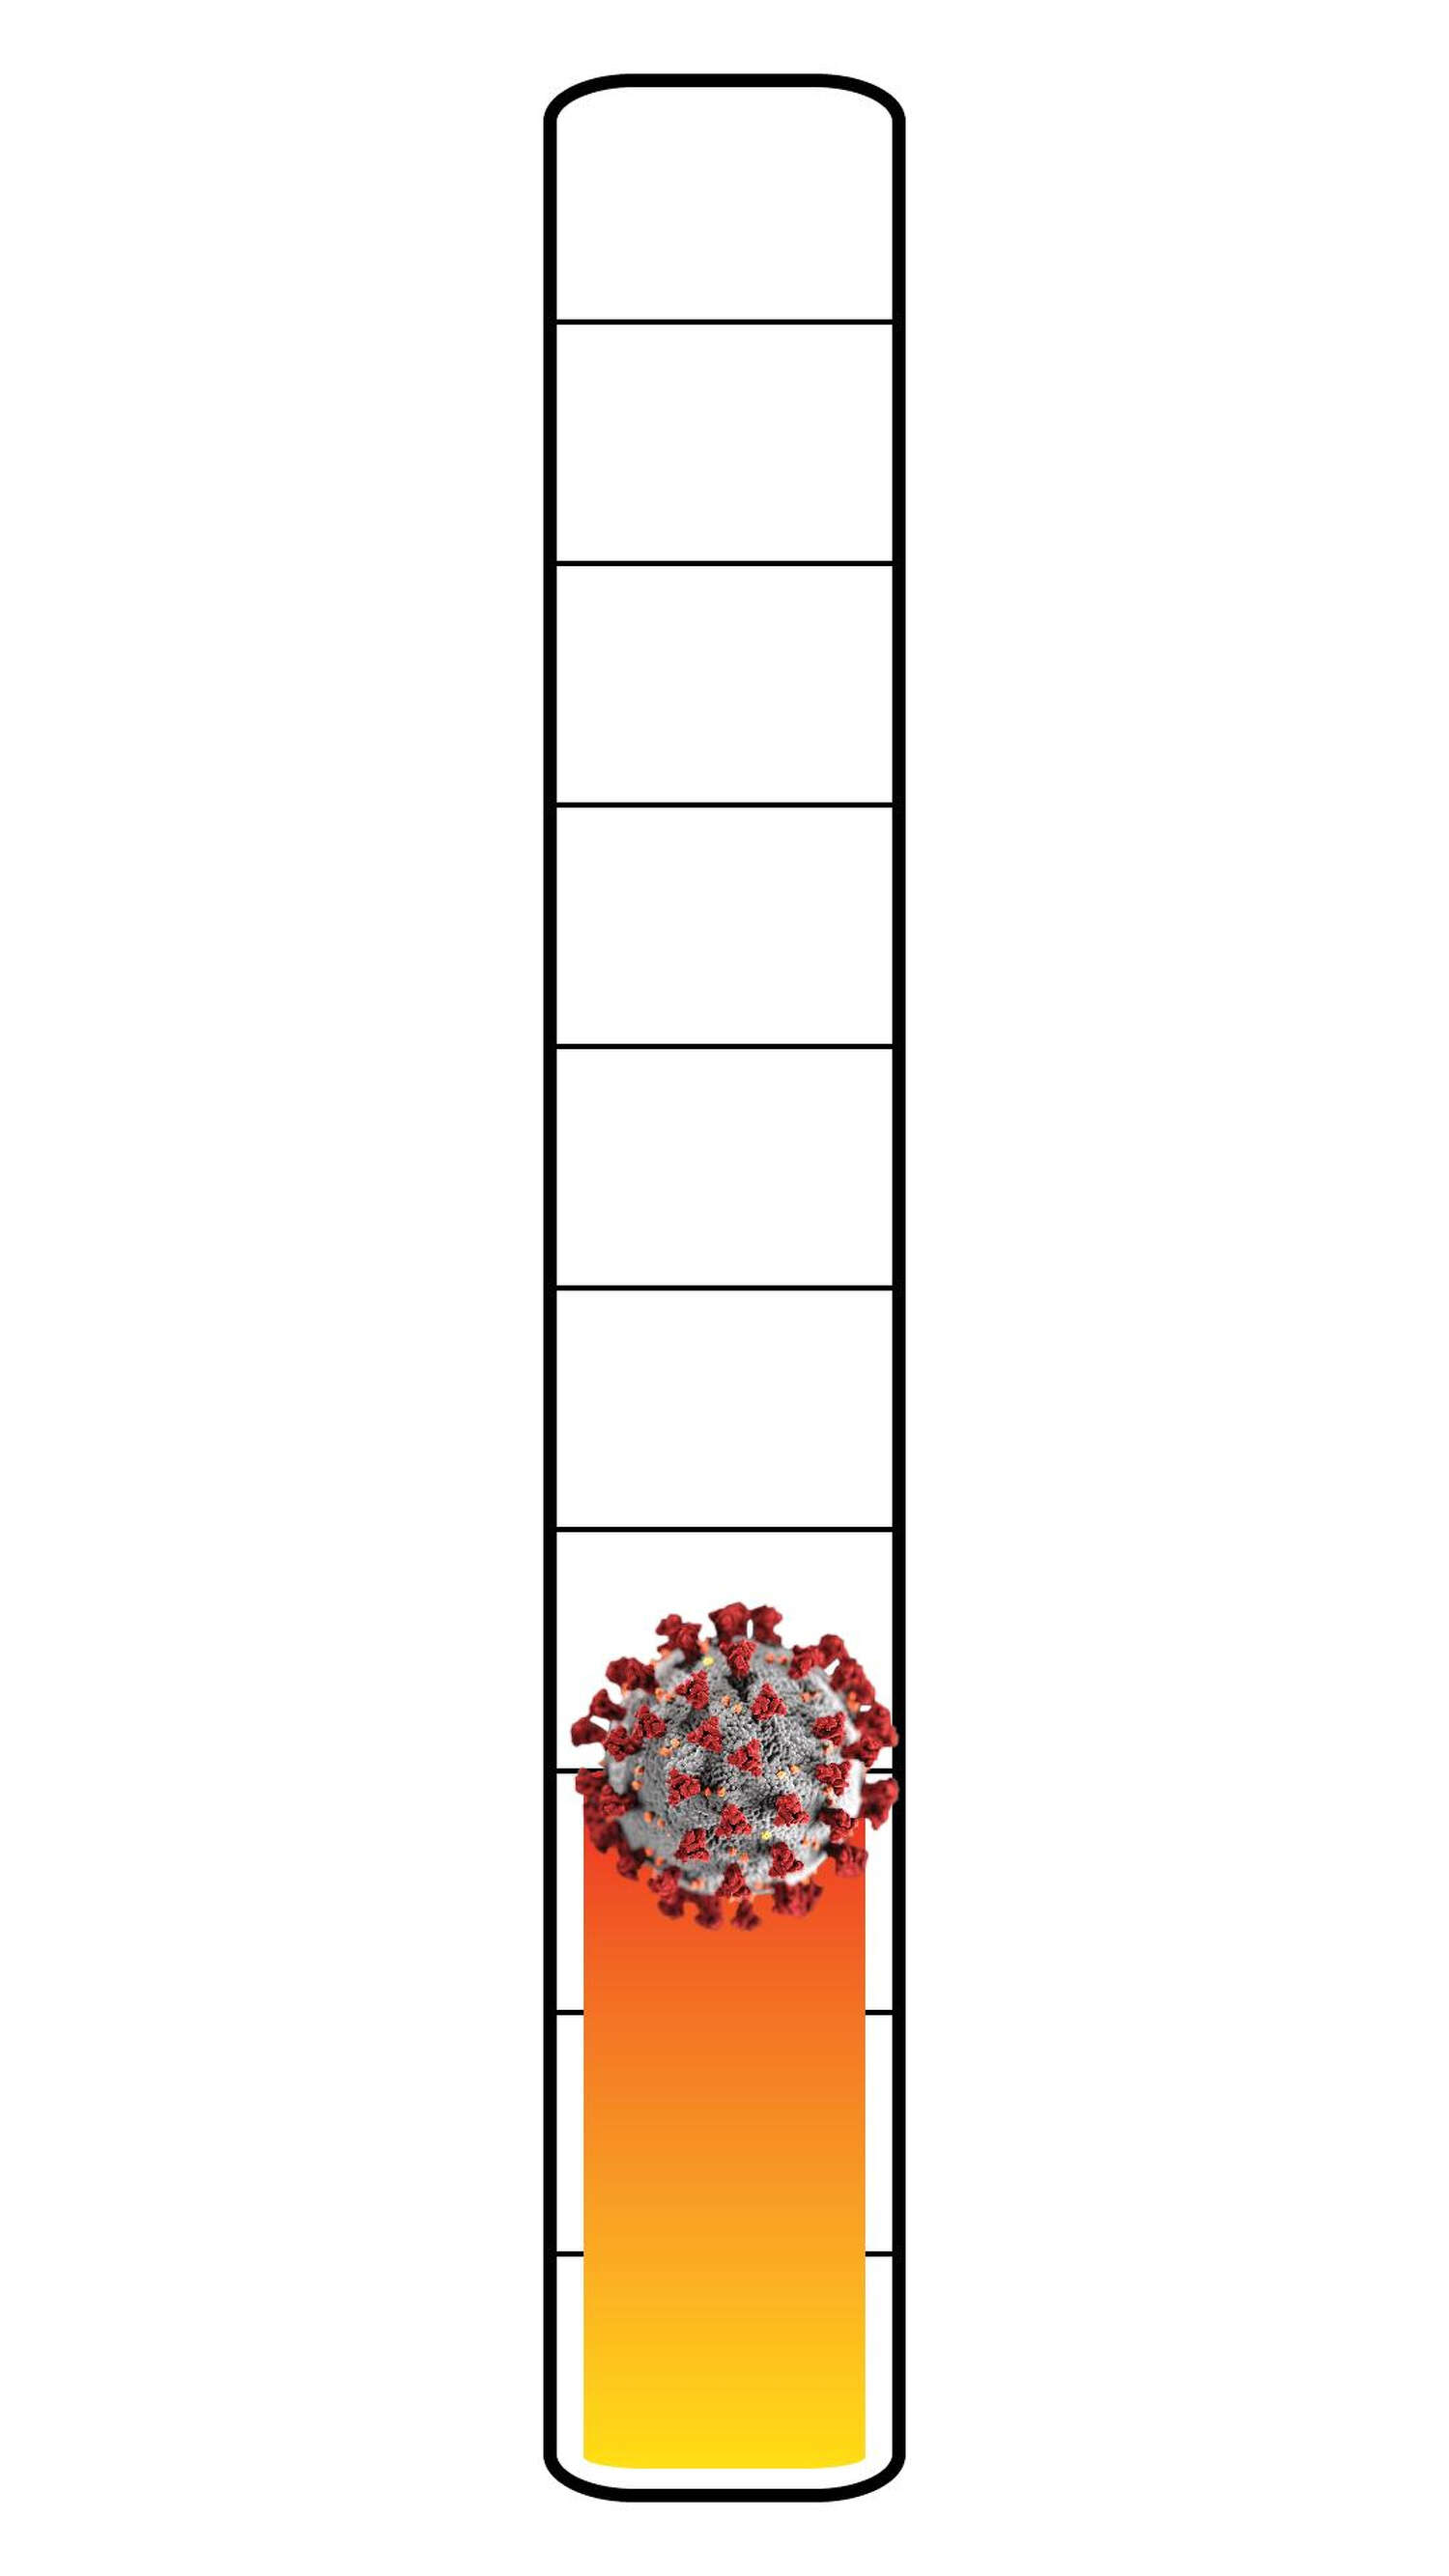 Meter: 3/10. Icon of the coronavirus.